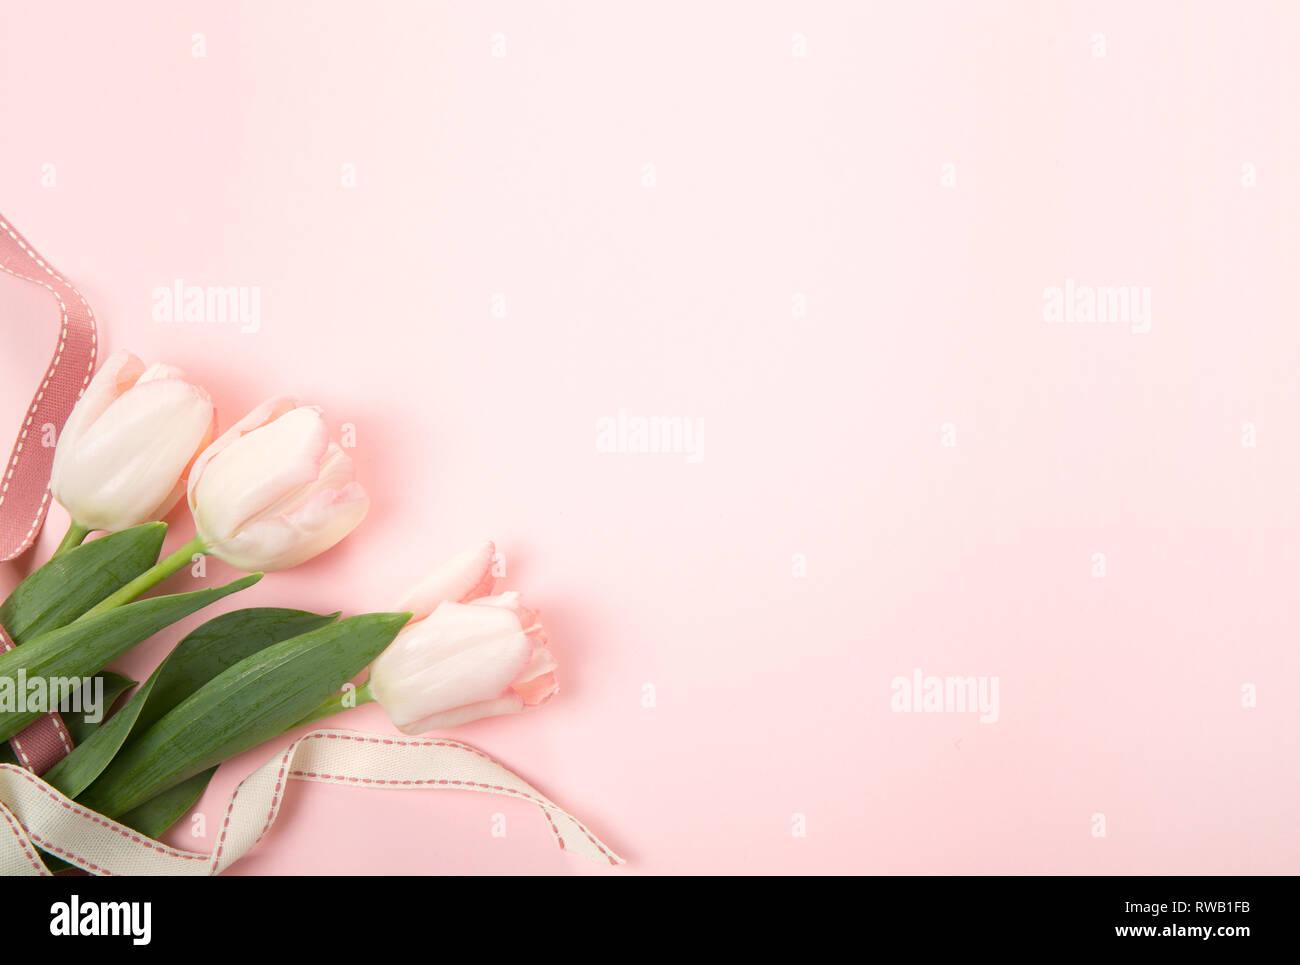 Composizione Di Fiori Modello Realizzato Di Tulip Fiori Su Sfondo